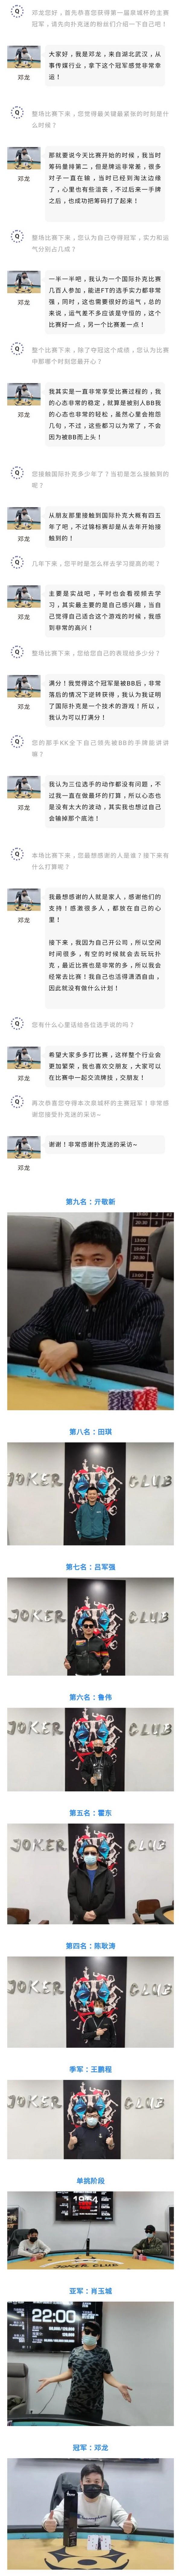 【6upoker】2021 SCPT泉城杯 | 主赛事圆满落幕,邓龙逆袭夺得首届冠军!